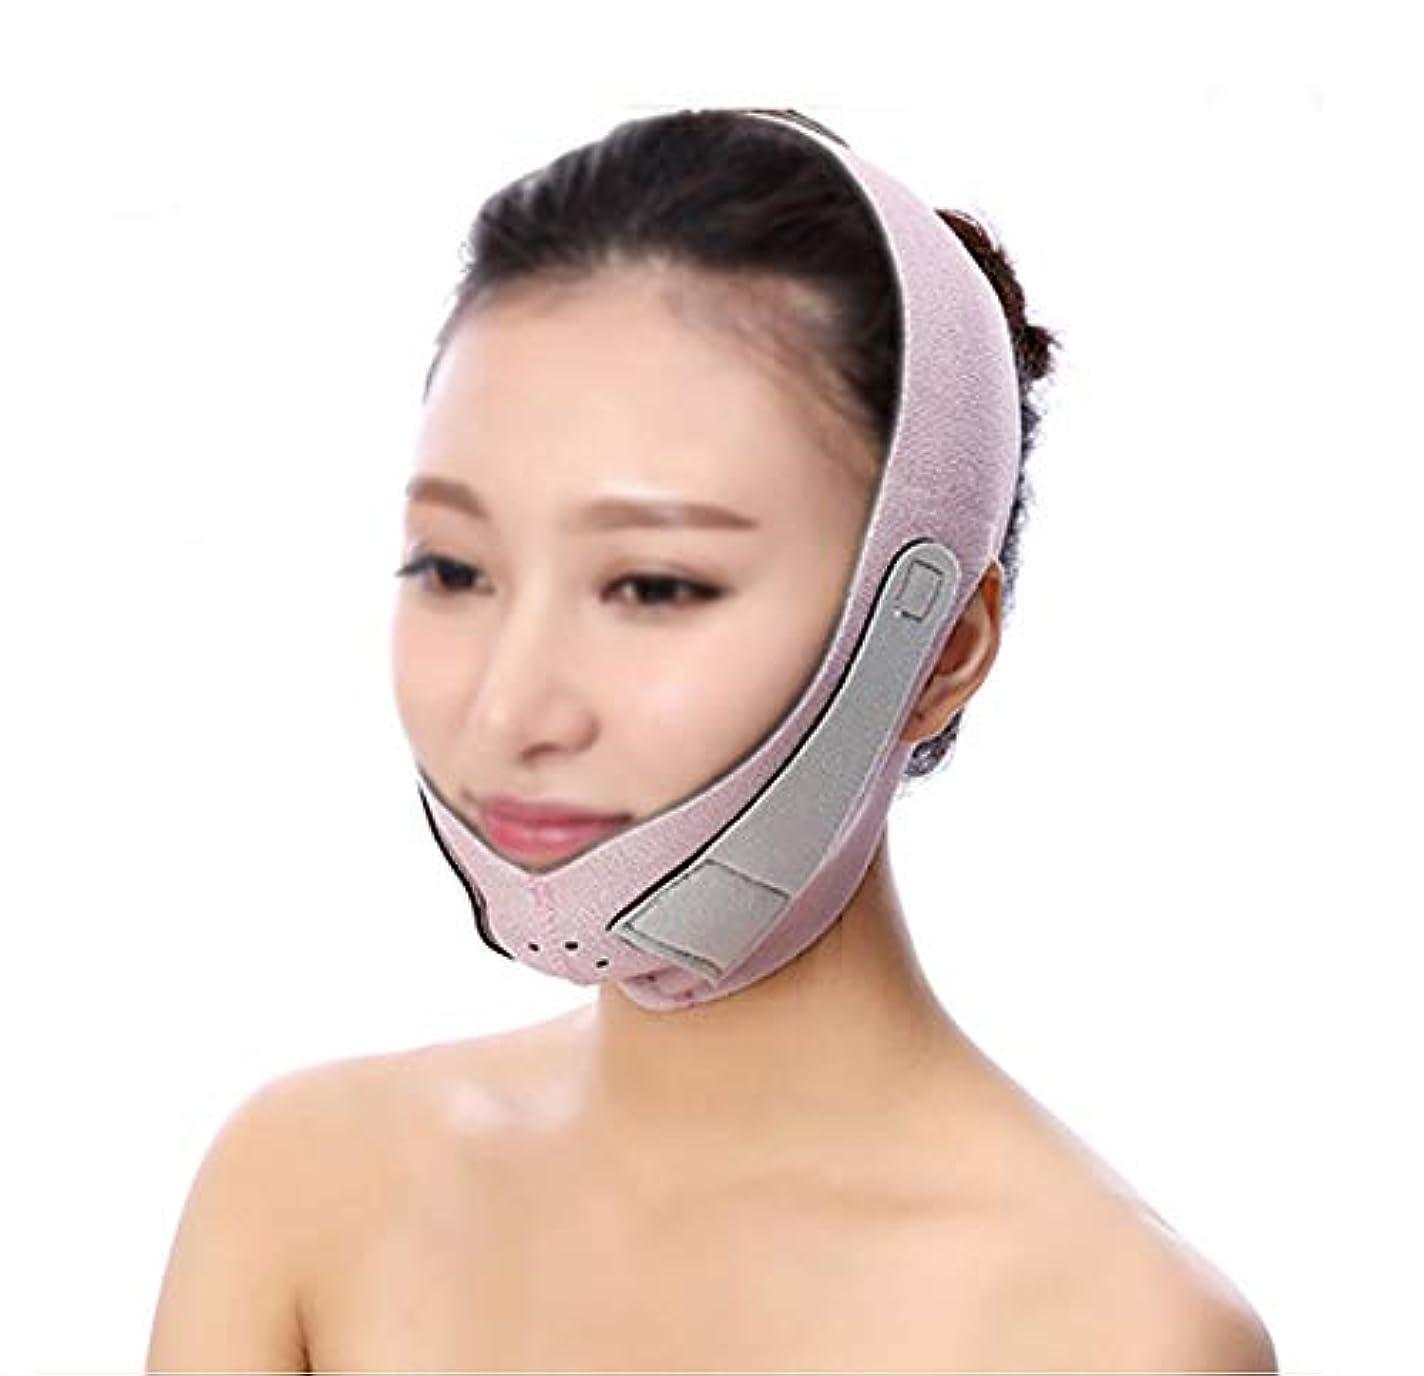 保護するシットコム身元LJK 薄い顔包帯小さなv顔アーティファクト男性と女性のフェイスリフトアーティファクト強力なアップグレード小さなVフェイスマスクフェイスマッサージローラー包帯二重あご日本 (Color : A)